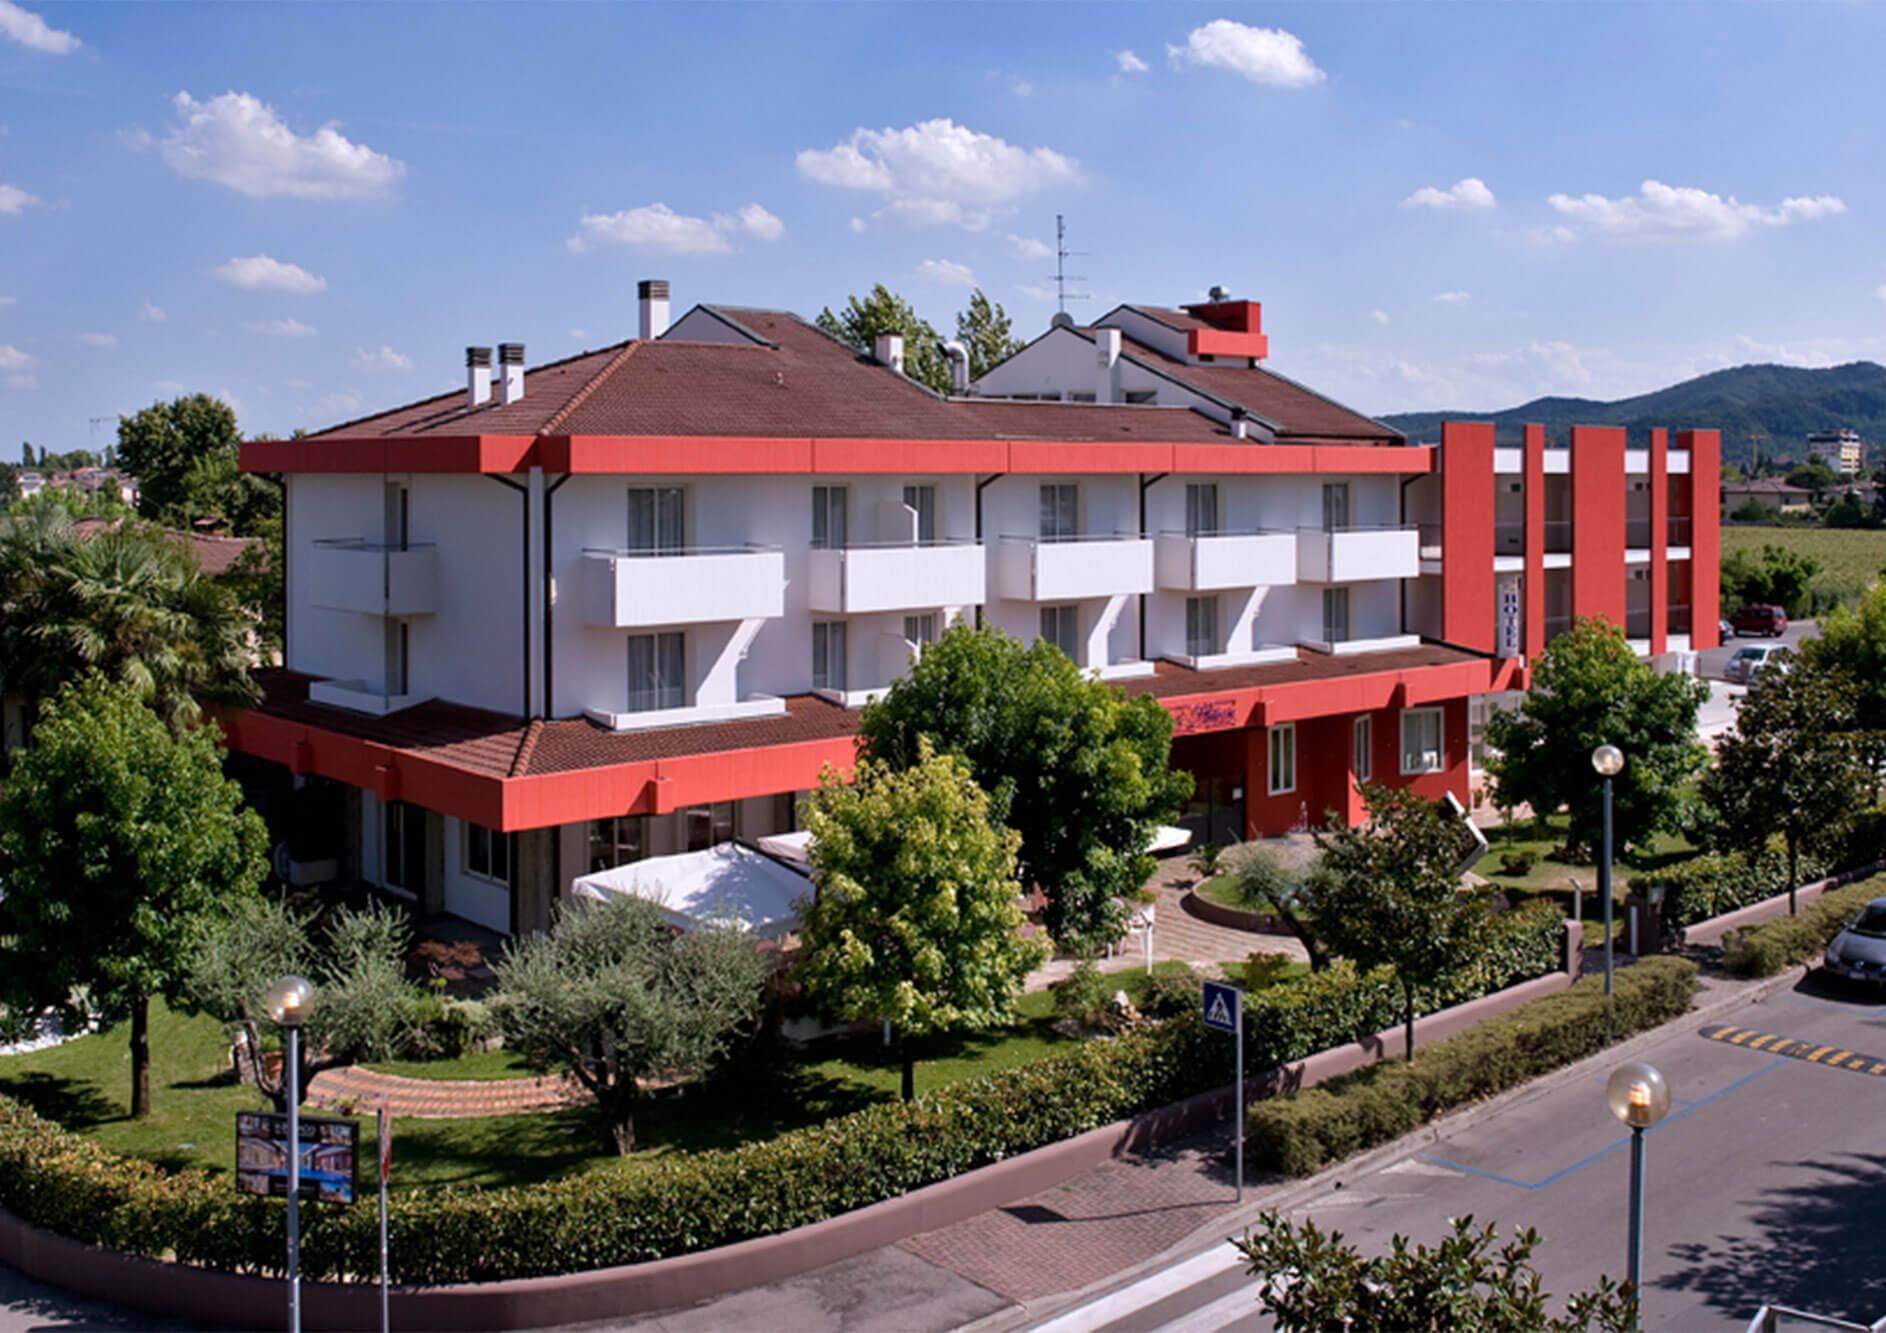 Hotel Lo Zodiaco - Colli Euganei